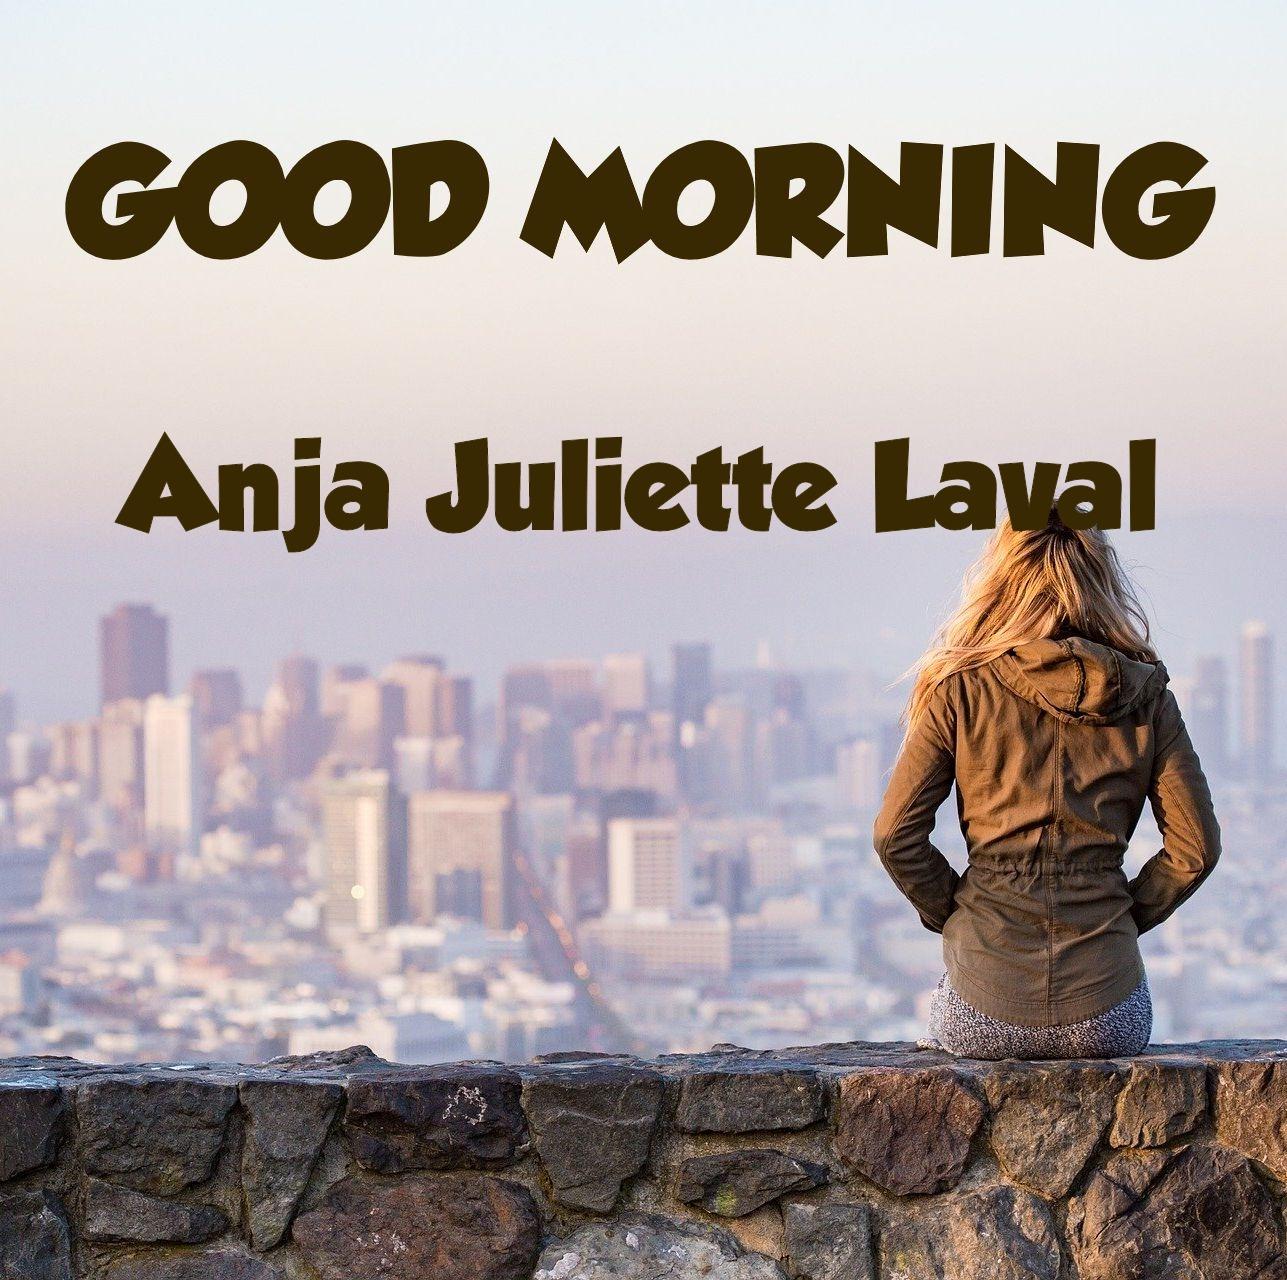 Anja juliette